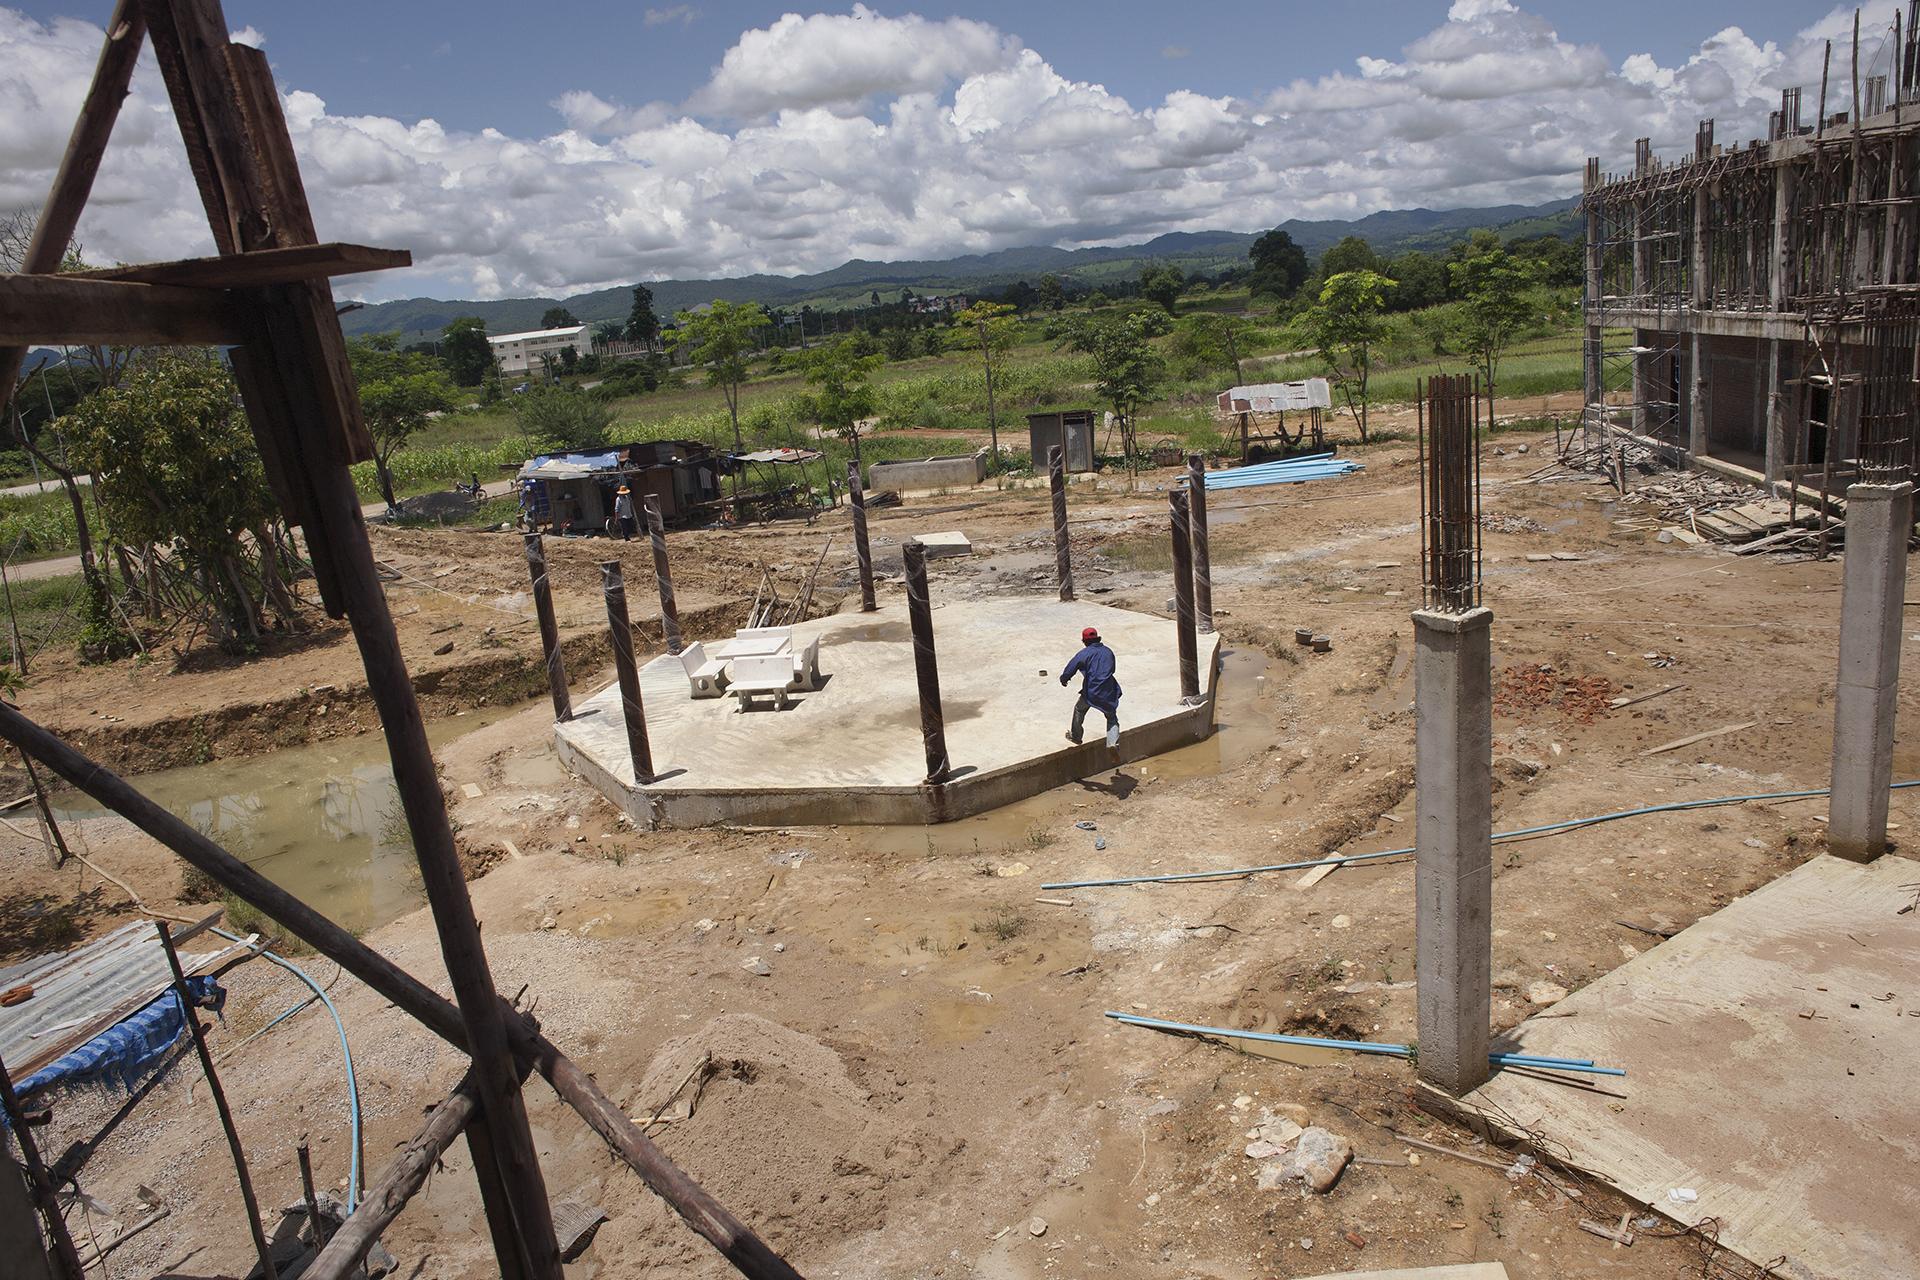 Un ouvrier birman sur le chantier de construction d'un hôtel. La province de Tak attire de nombreux investisseurs, en raison de sa position stratégique sur la route qui relie Bangkok à Rangoon. Les entreprises s'implantent volontiers dans cette zone frontalière vouée à être un point clé de la coopération entre la Thaïlande et la Birmanie.Mae Sot, Thaïlande, juillet 2011